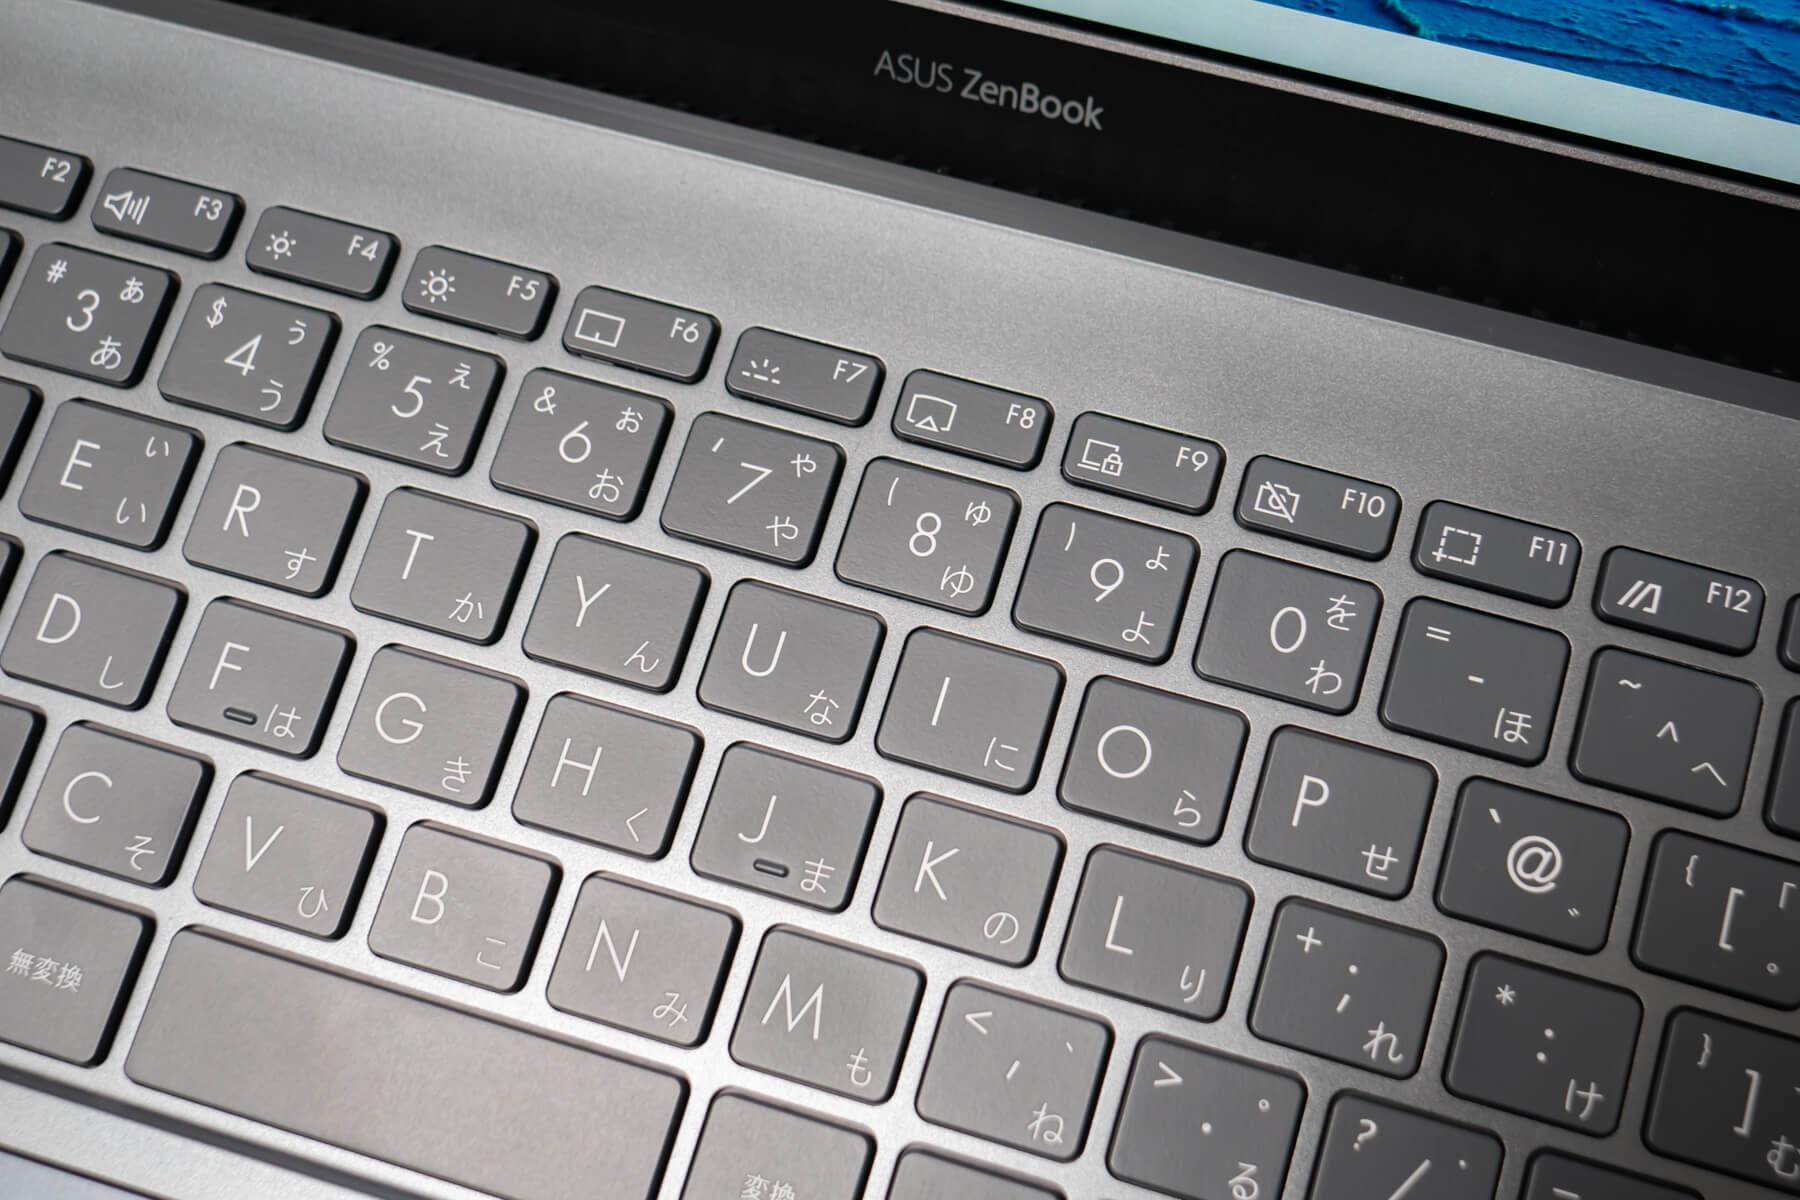 ZenBook 13 ファンクションキー